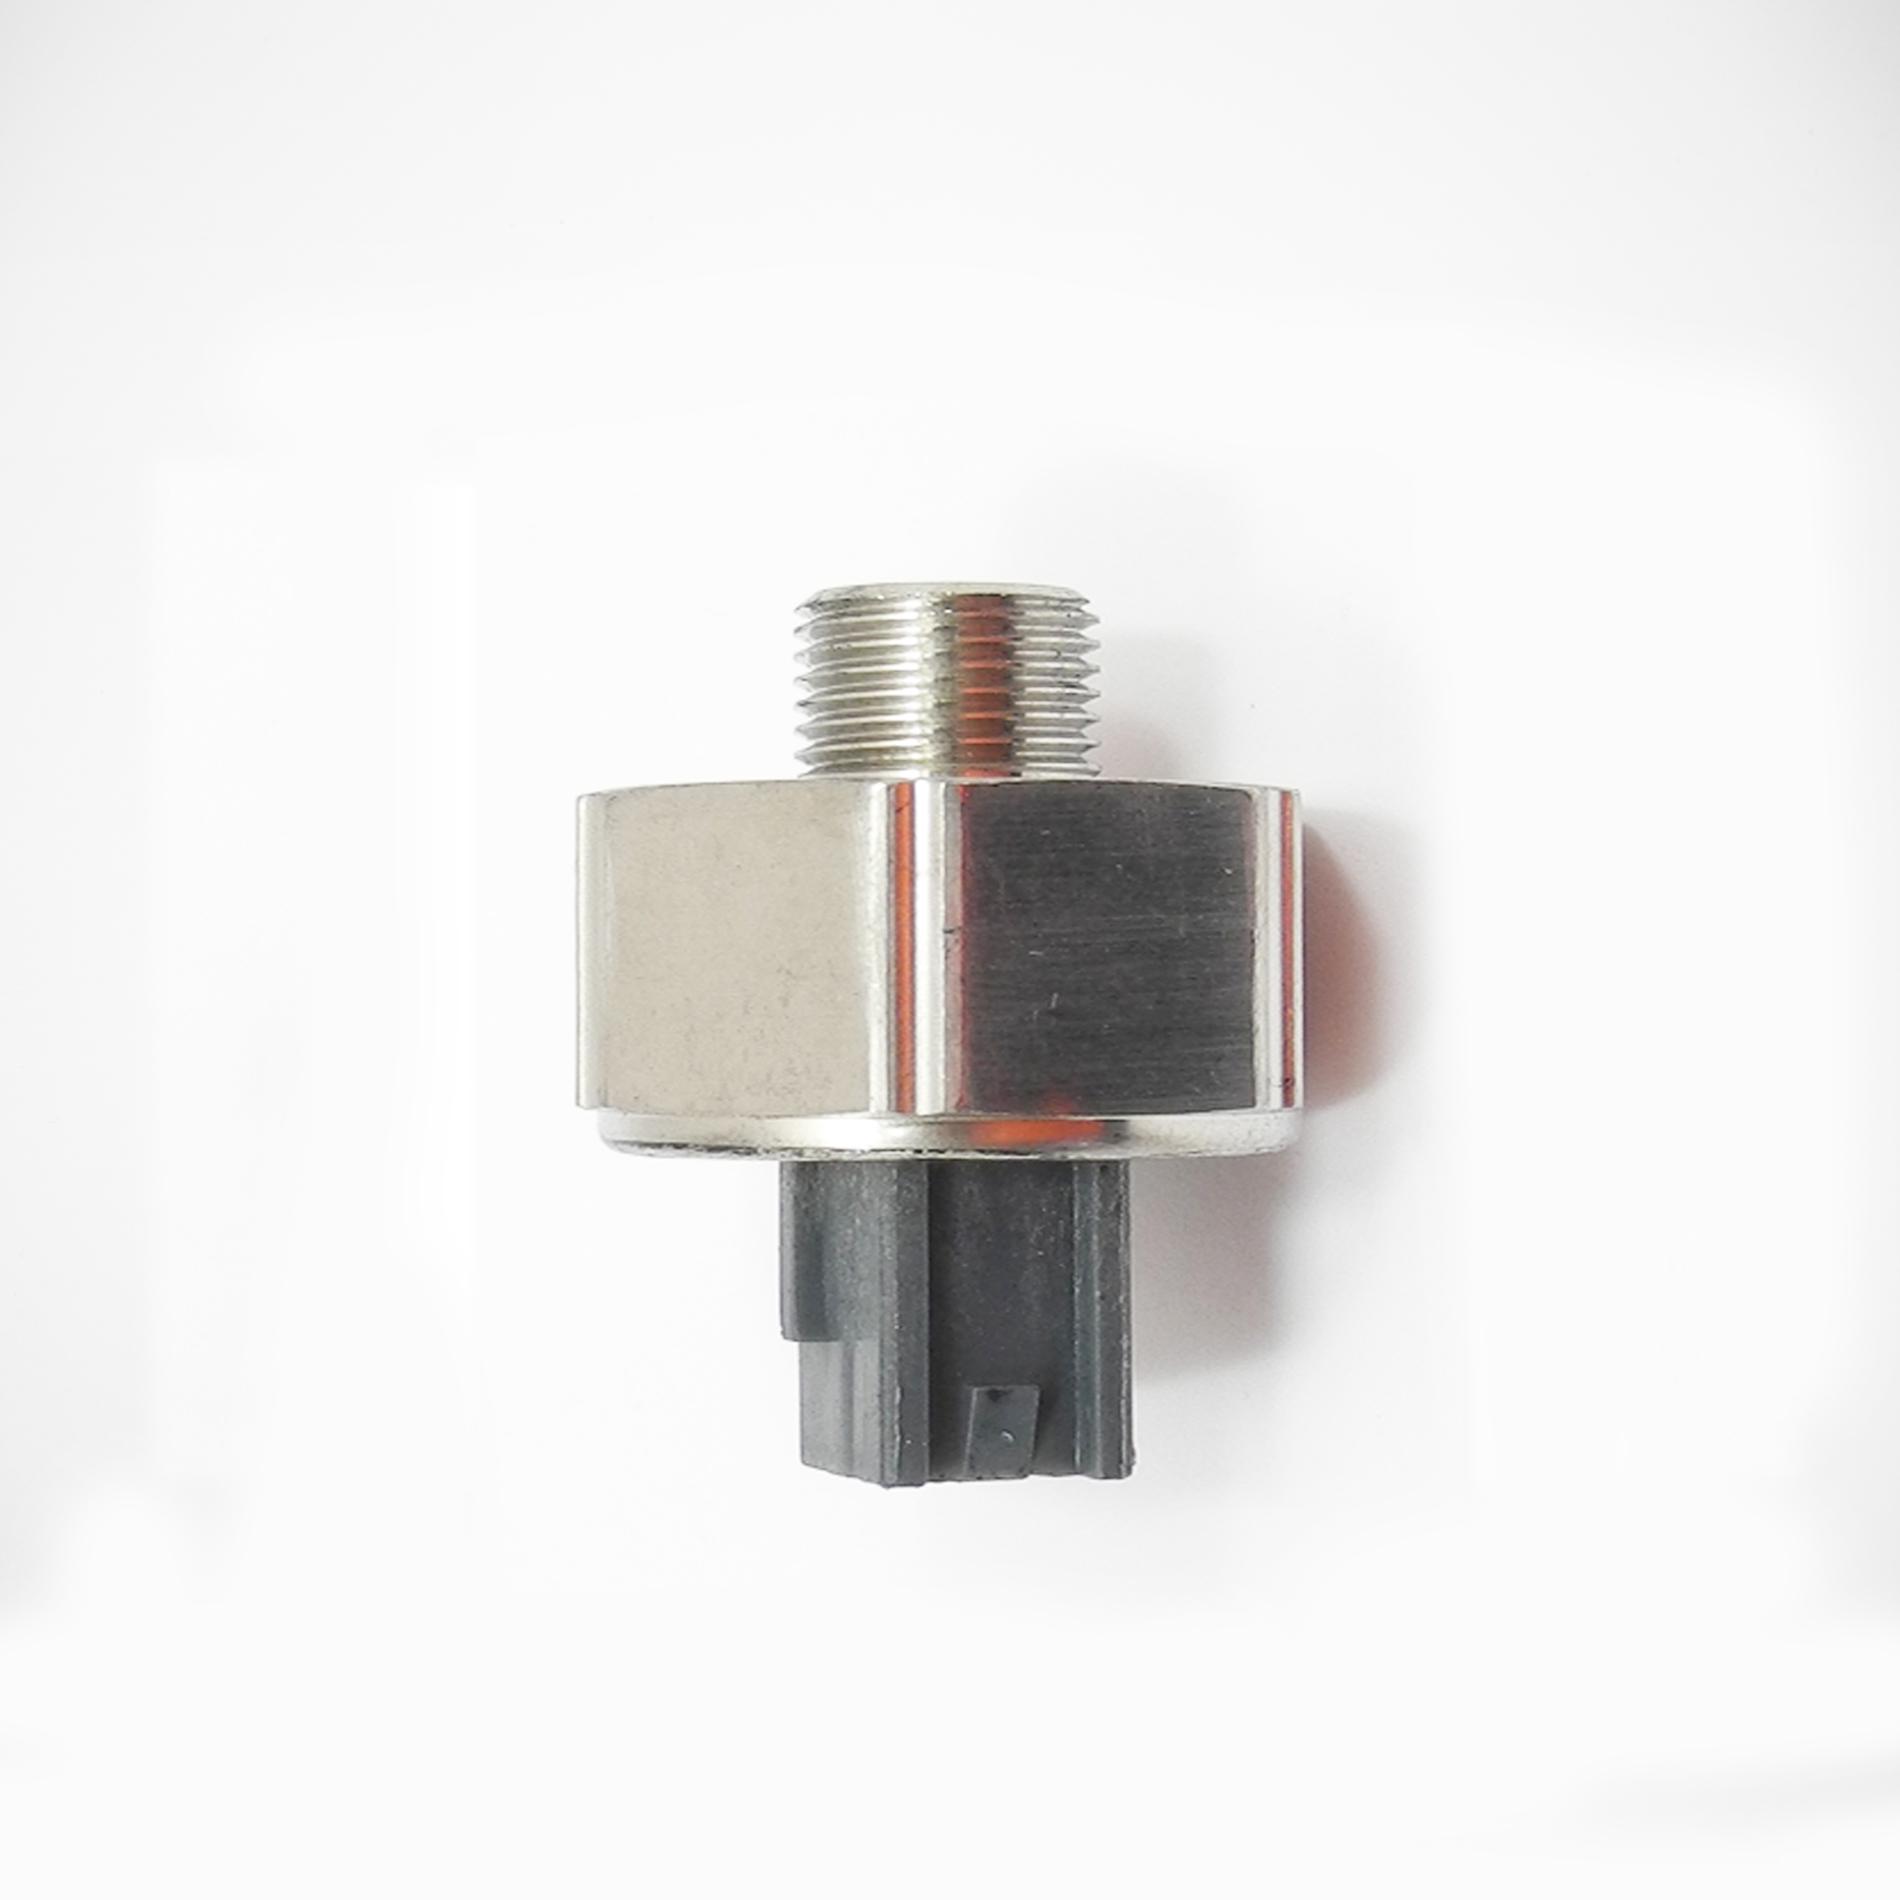 NEW 2pcs Denso Knock Sensors 89615-12040 For Toyota Tacoma Lexus GS300